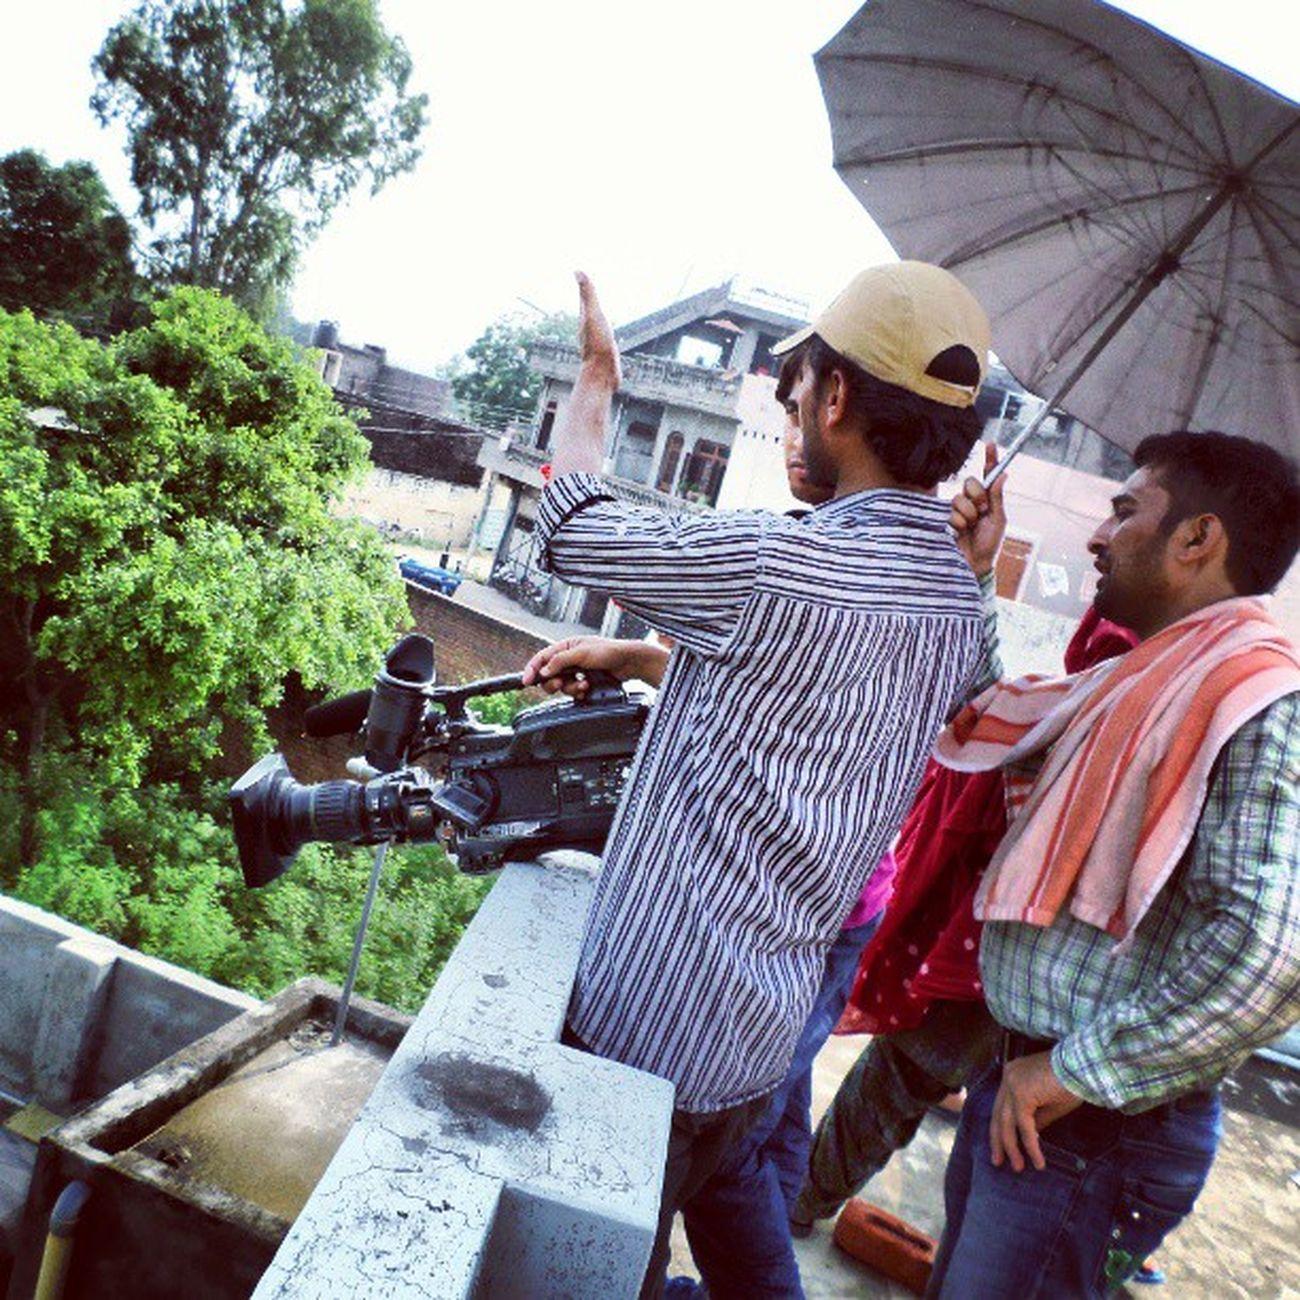 Shooting at our next door Ptc Pindanvichonpind :P